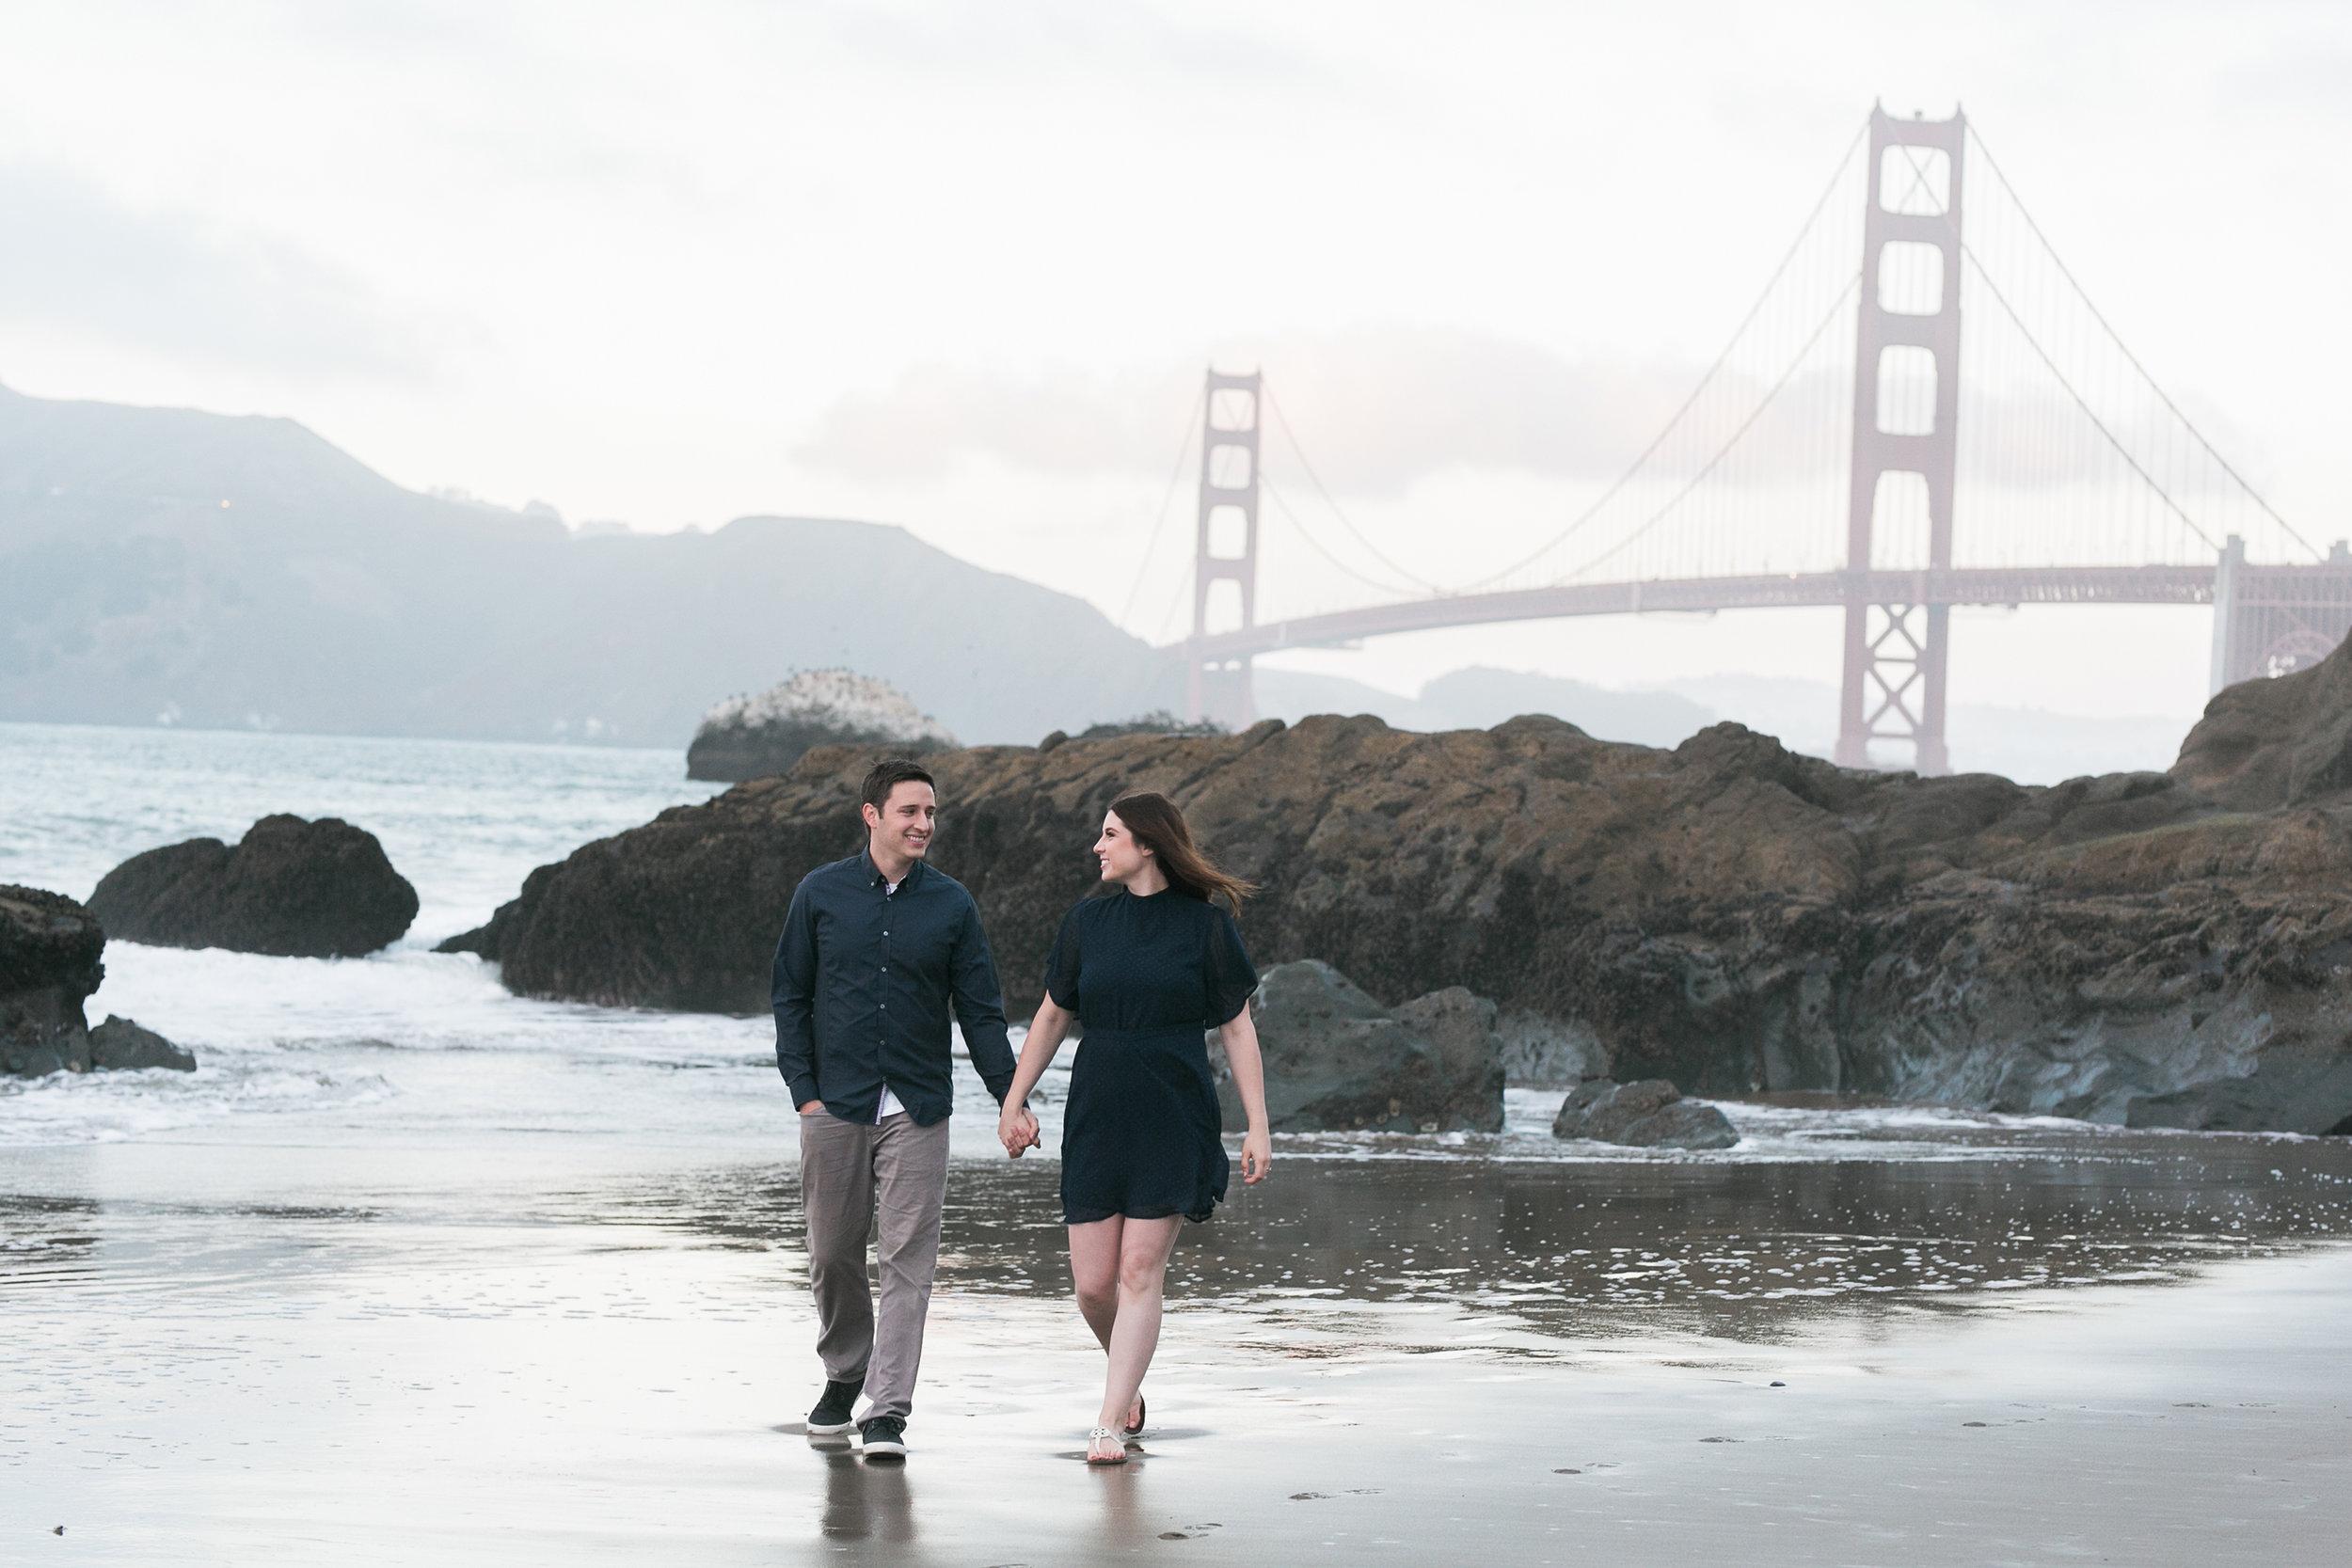 San_Francisco_Baker_Beach_Engagement_Session_005.jpg